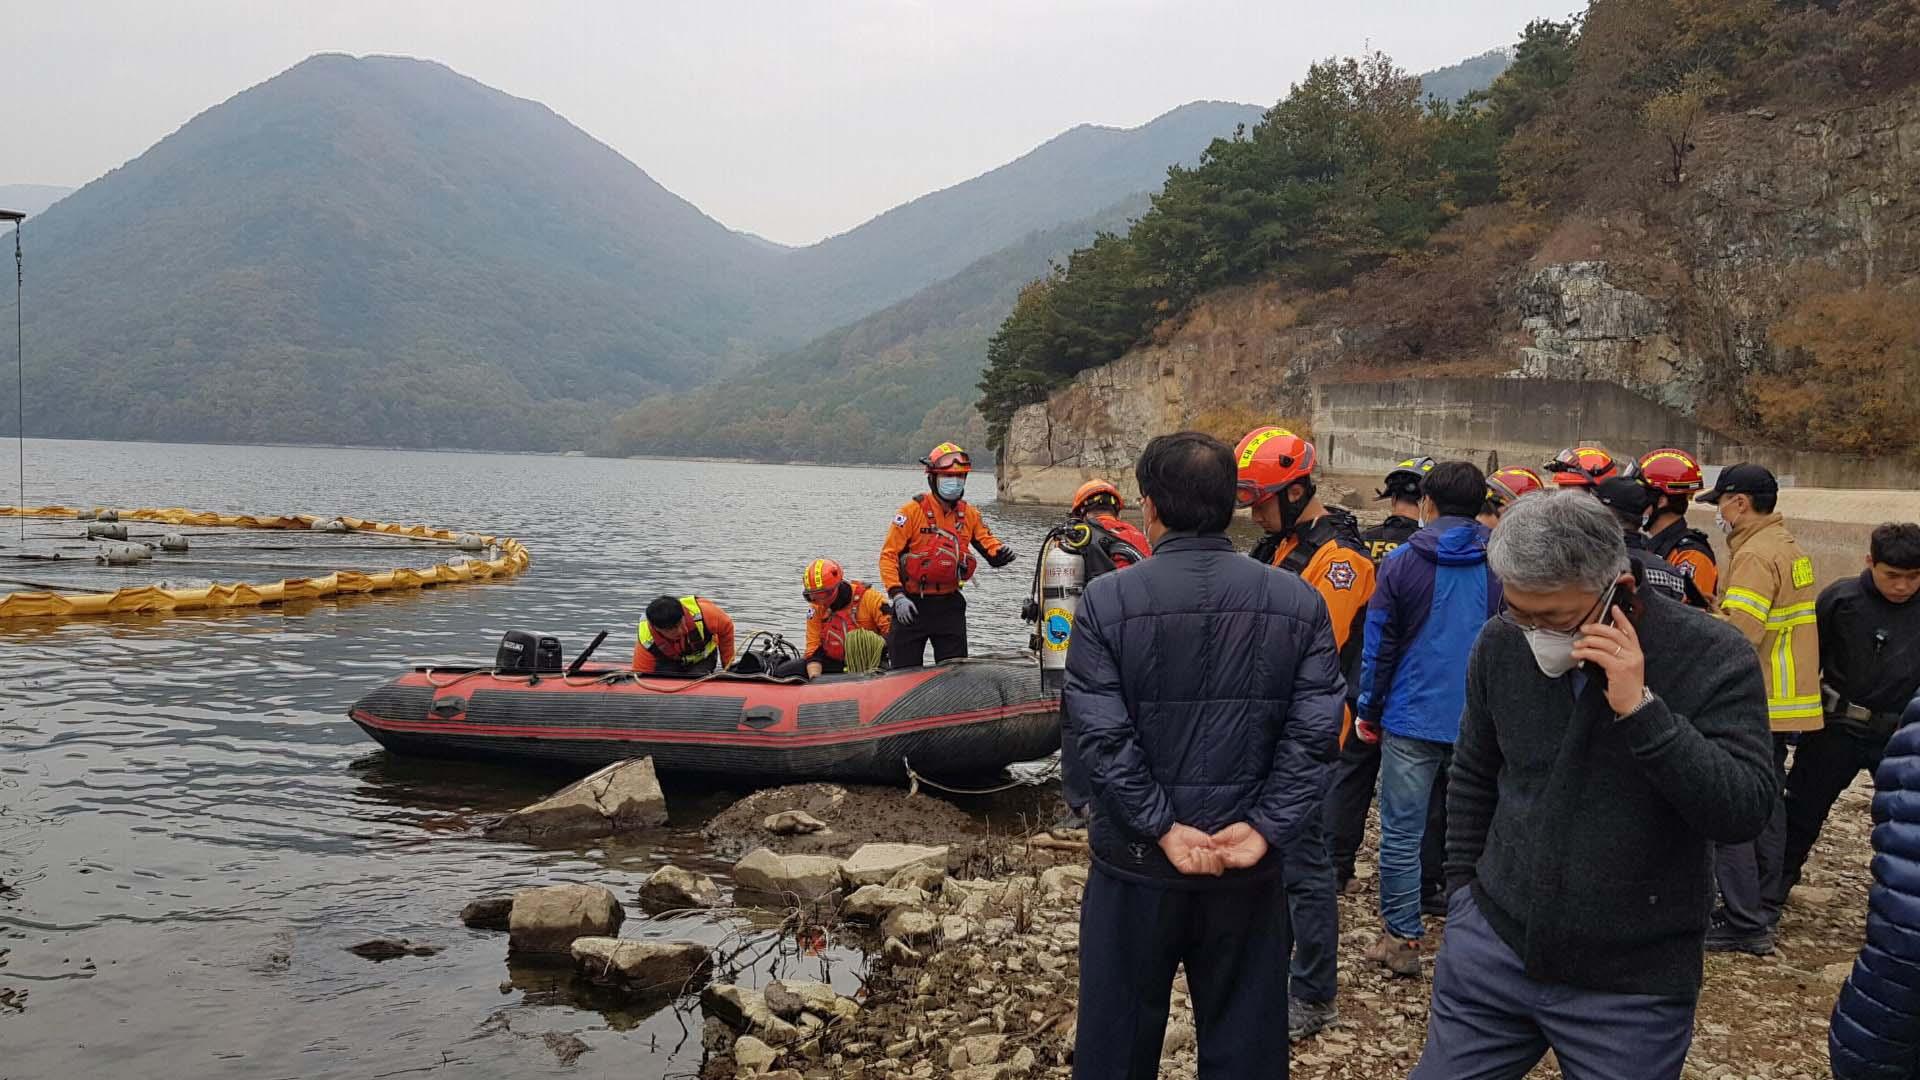 대구 가창댐 수중탐사 잠수사 1명 실종…수색 작업